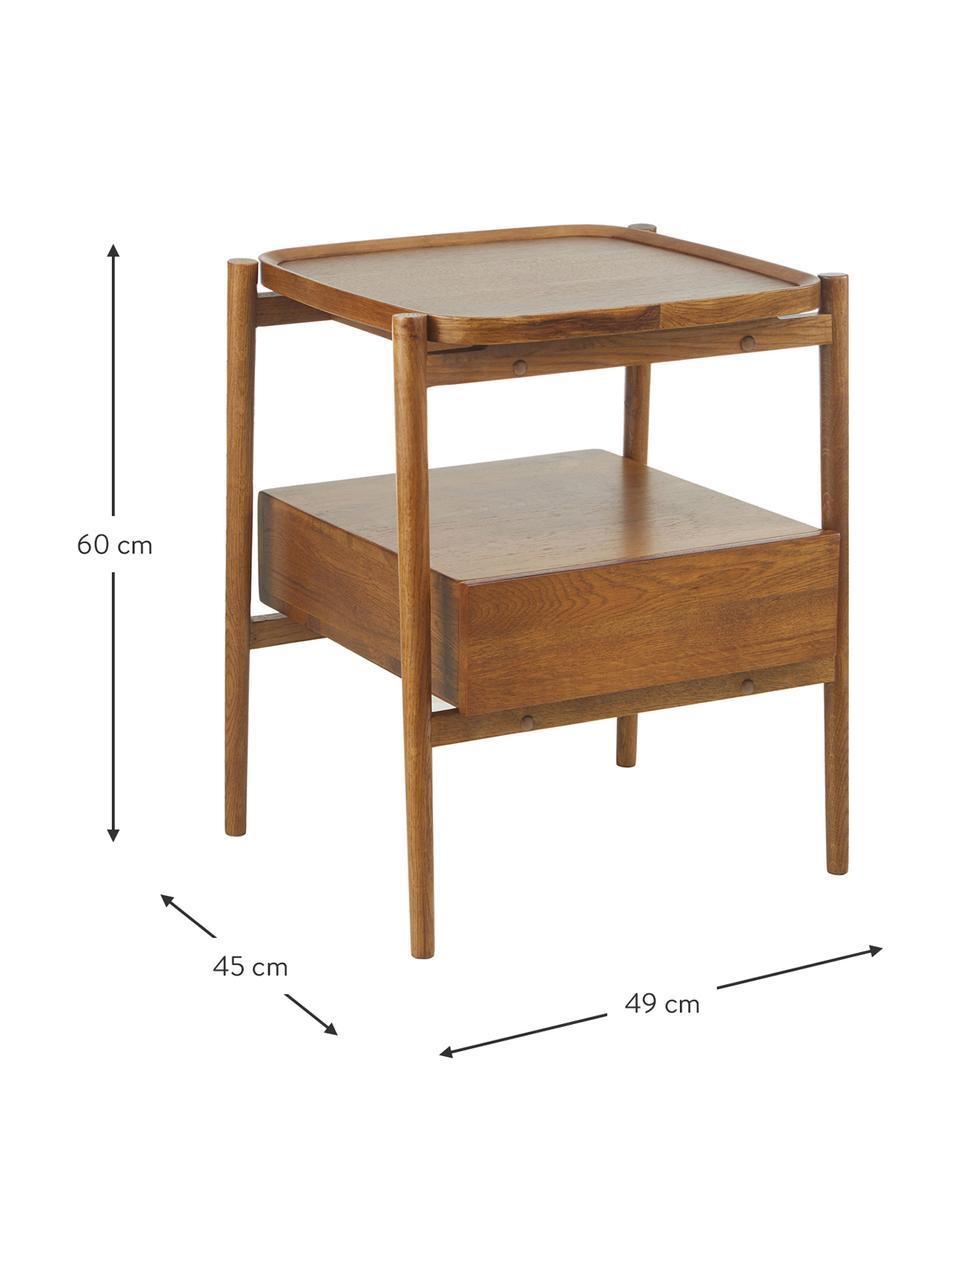 Nachtkastje Libby van eikenhout, Plank: eikenhoutfineer met MDF, Bruin, 49 x 60 cm